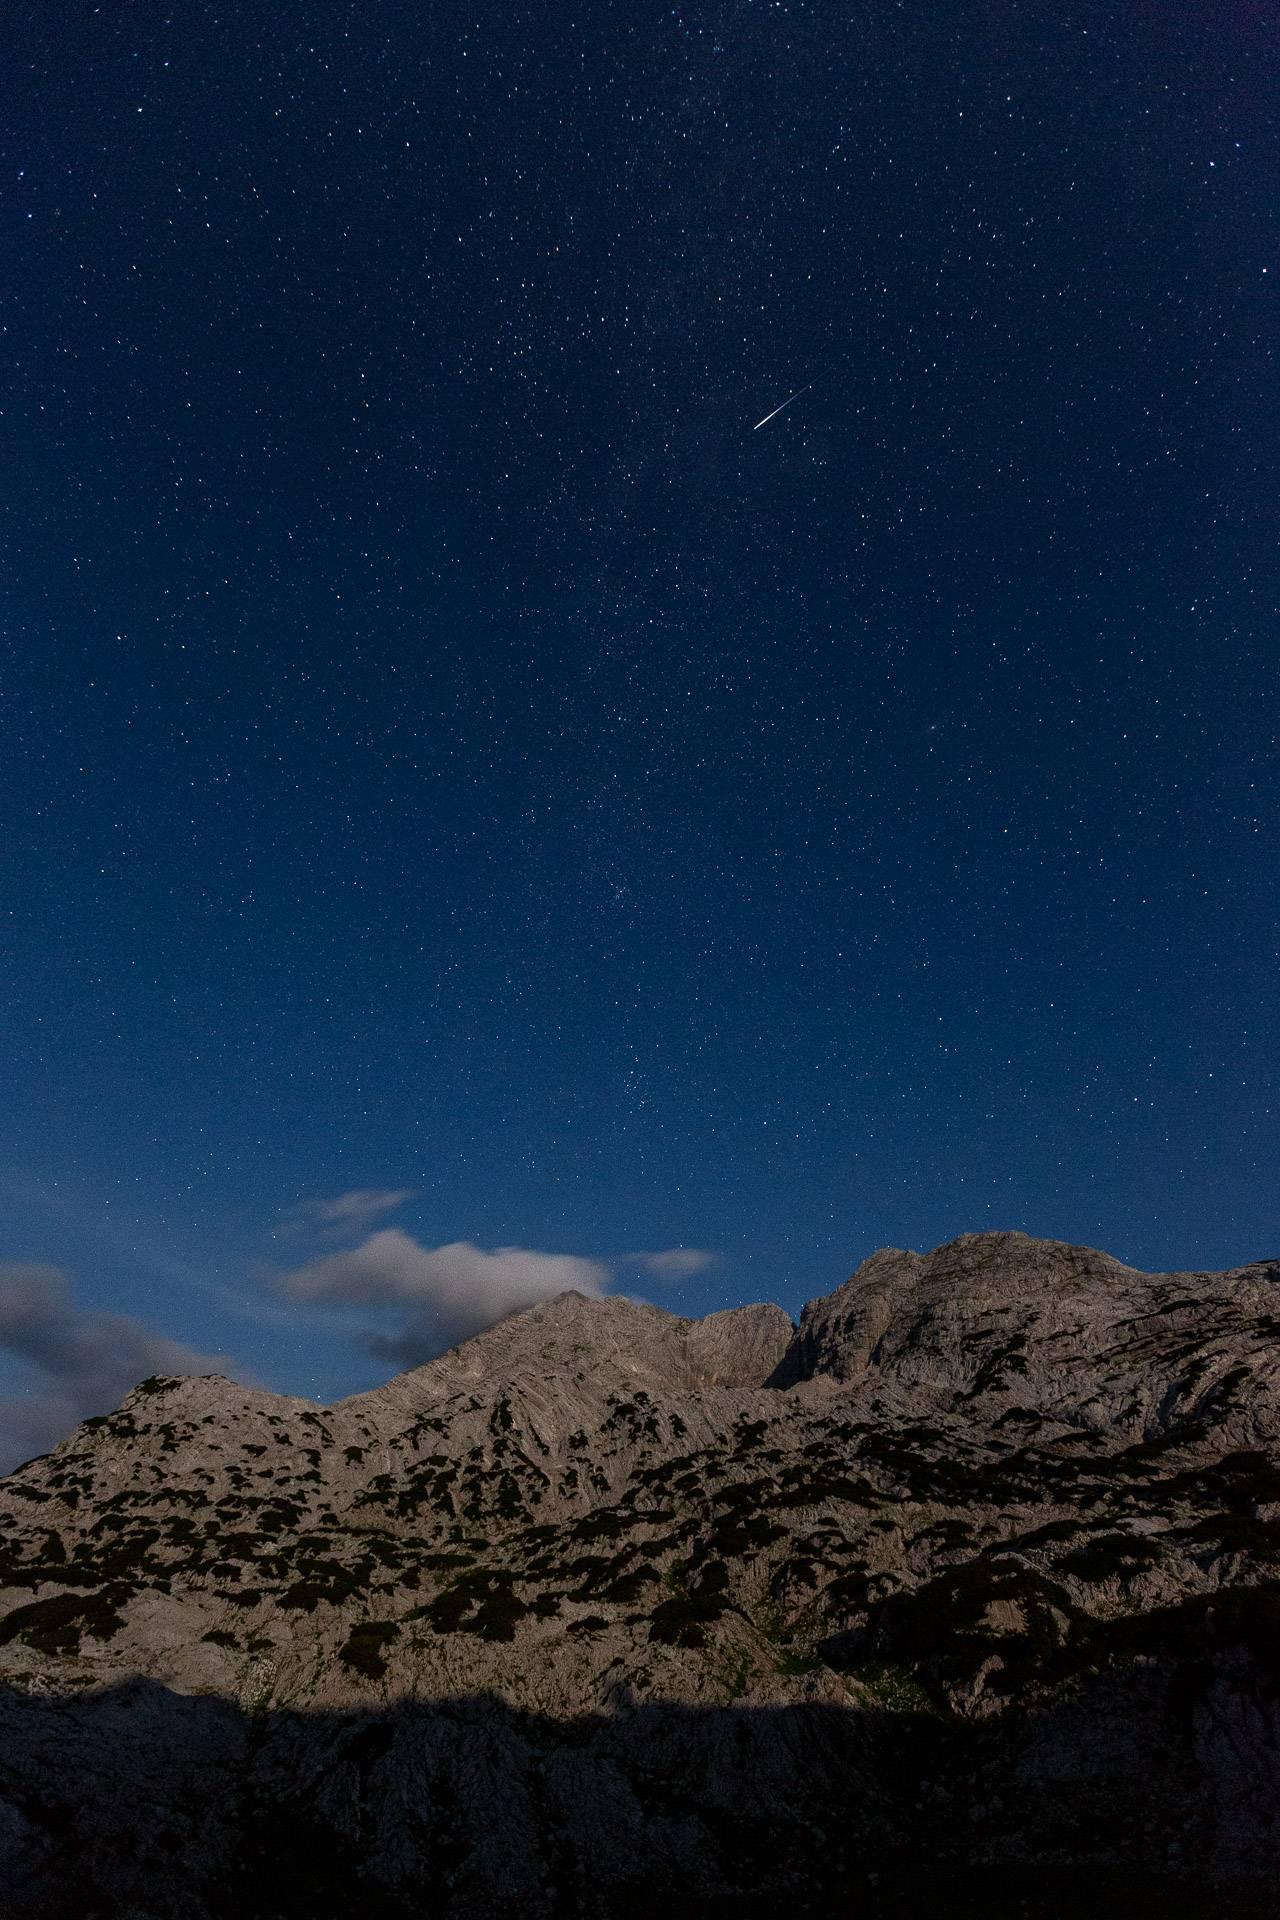 Ein Perseide flitzt durch die Milchstraße. Bei einem 16mm Weitwinkel Objektiv sind die Sterne bei 10 Sekunden Belichtungszeit immer noch als klare Punkte erkennbar.